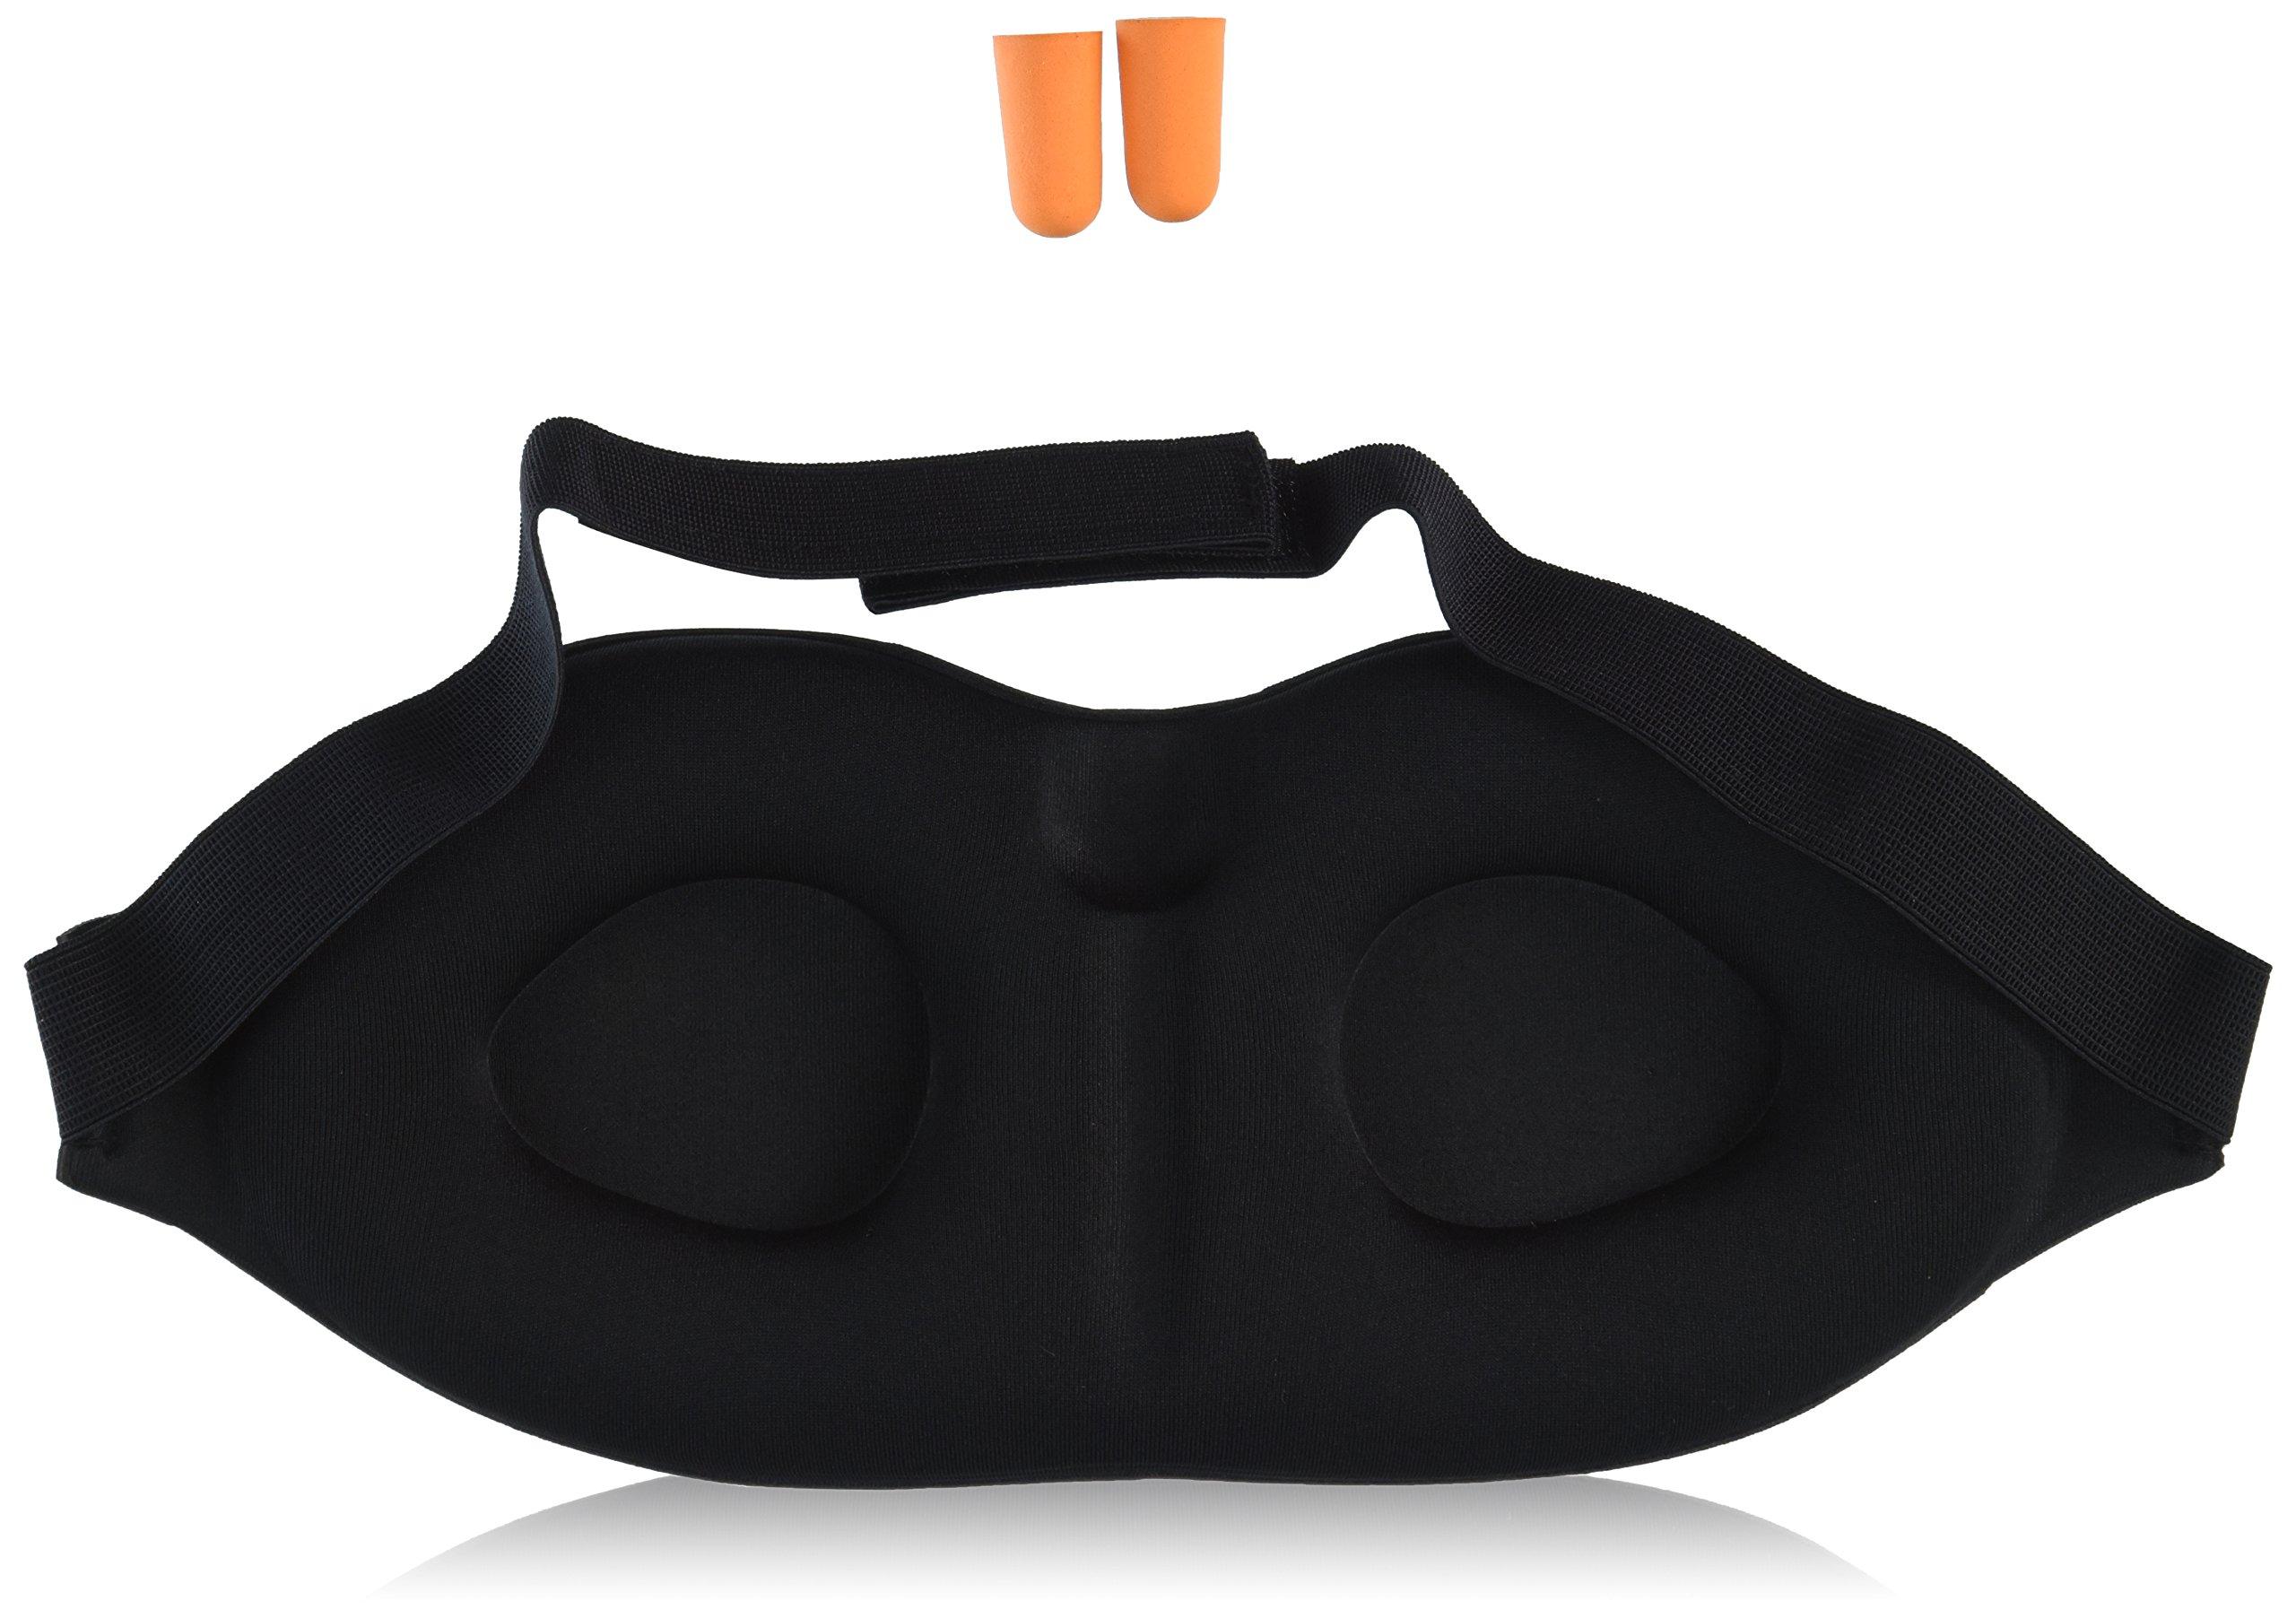 Soft Padded Sleep Mask | Eye Mask Comfortable Without Touching Eyes | Travel